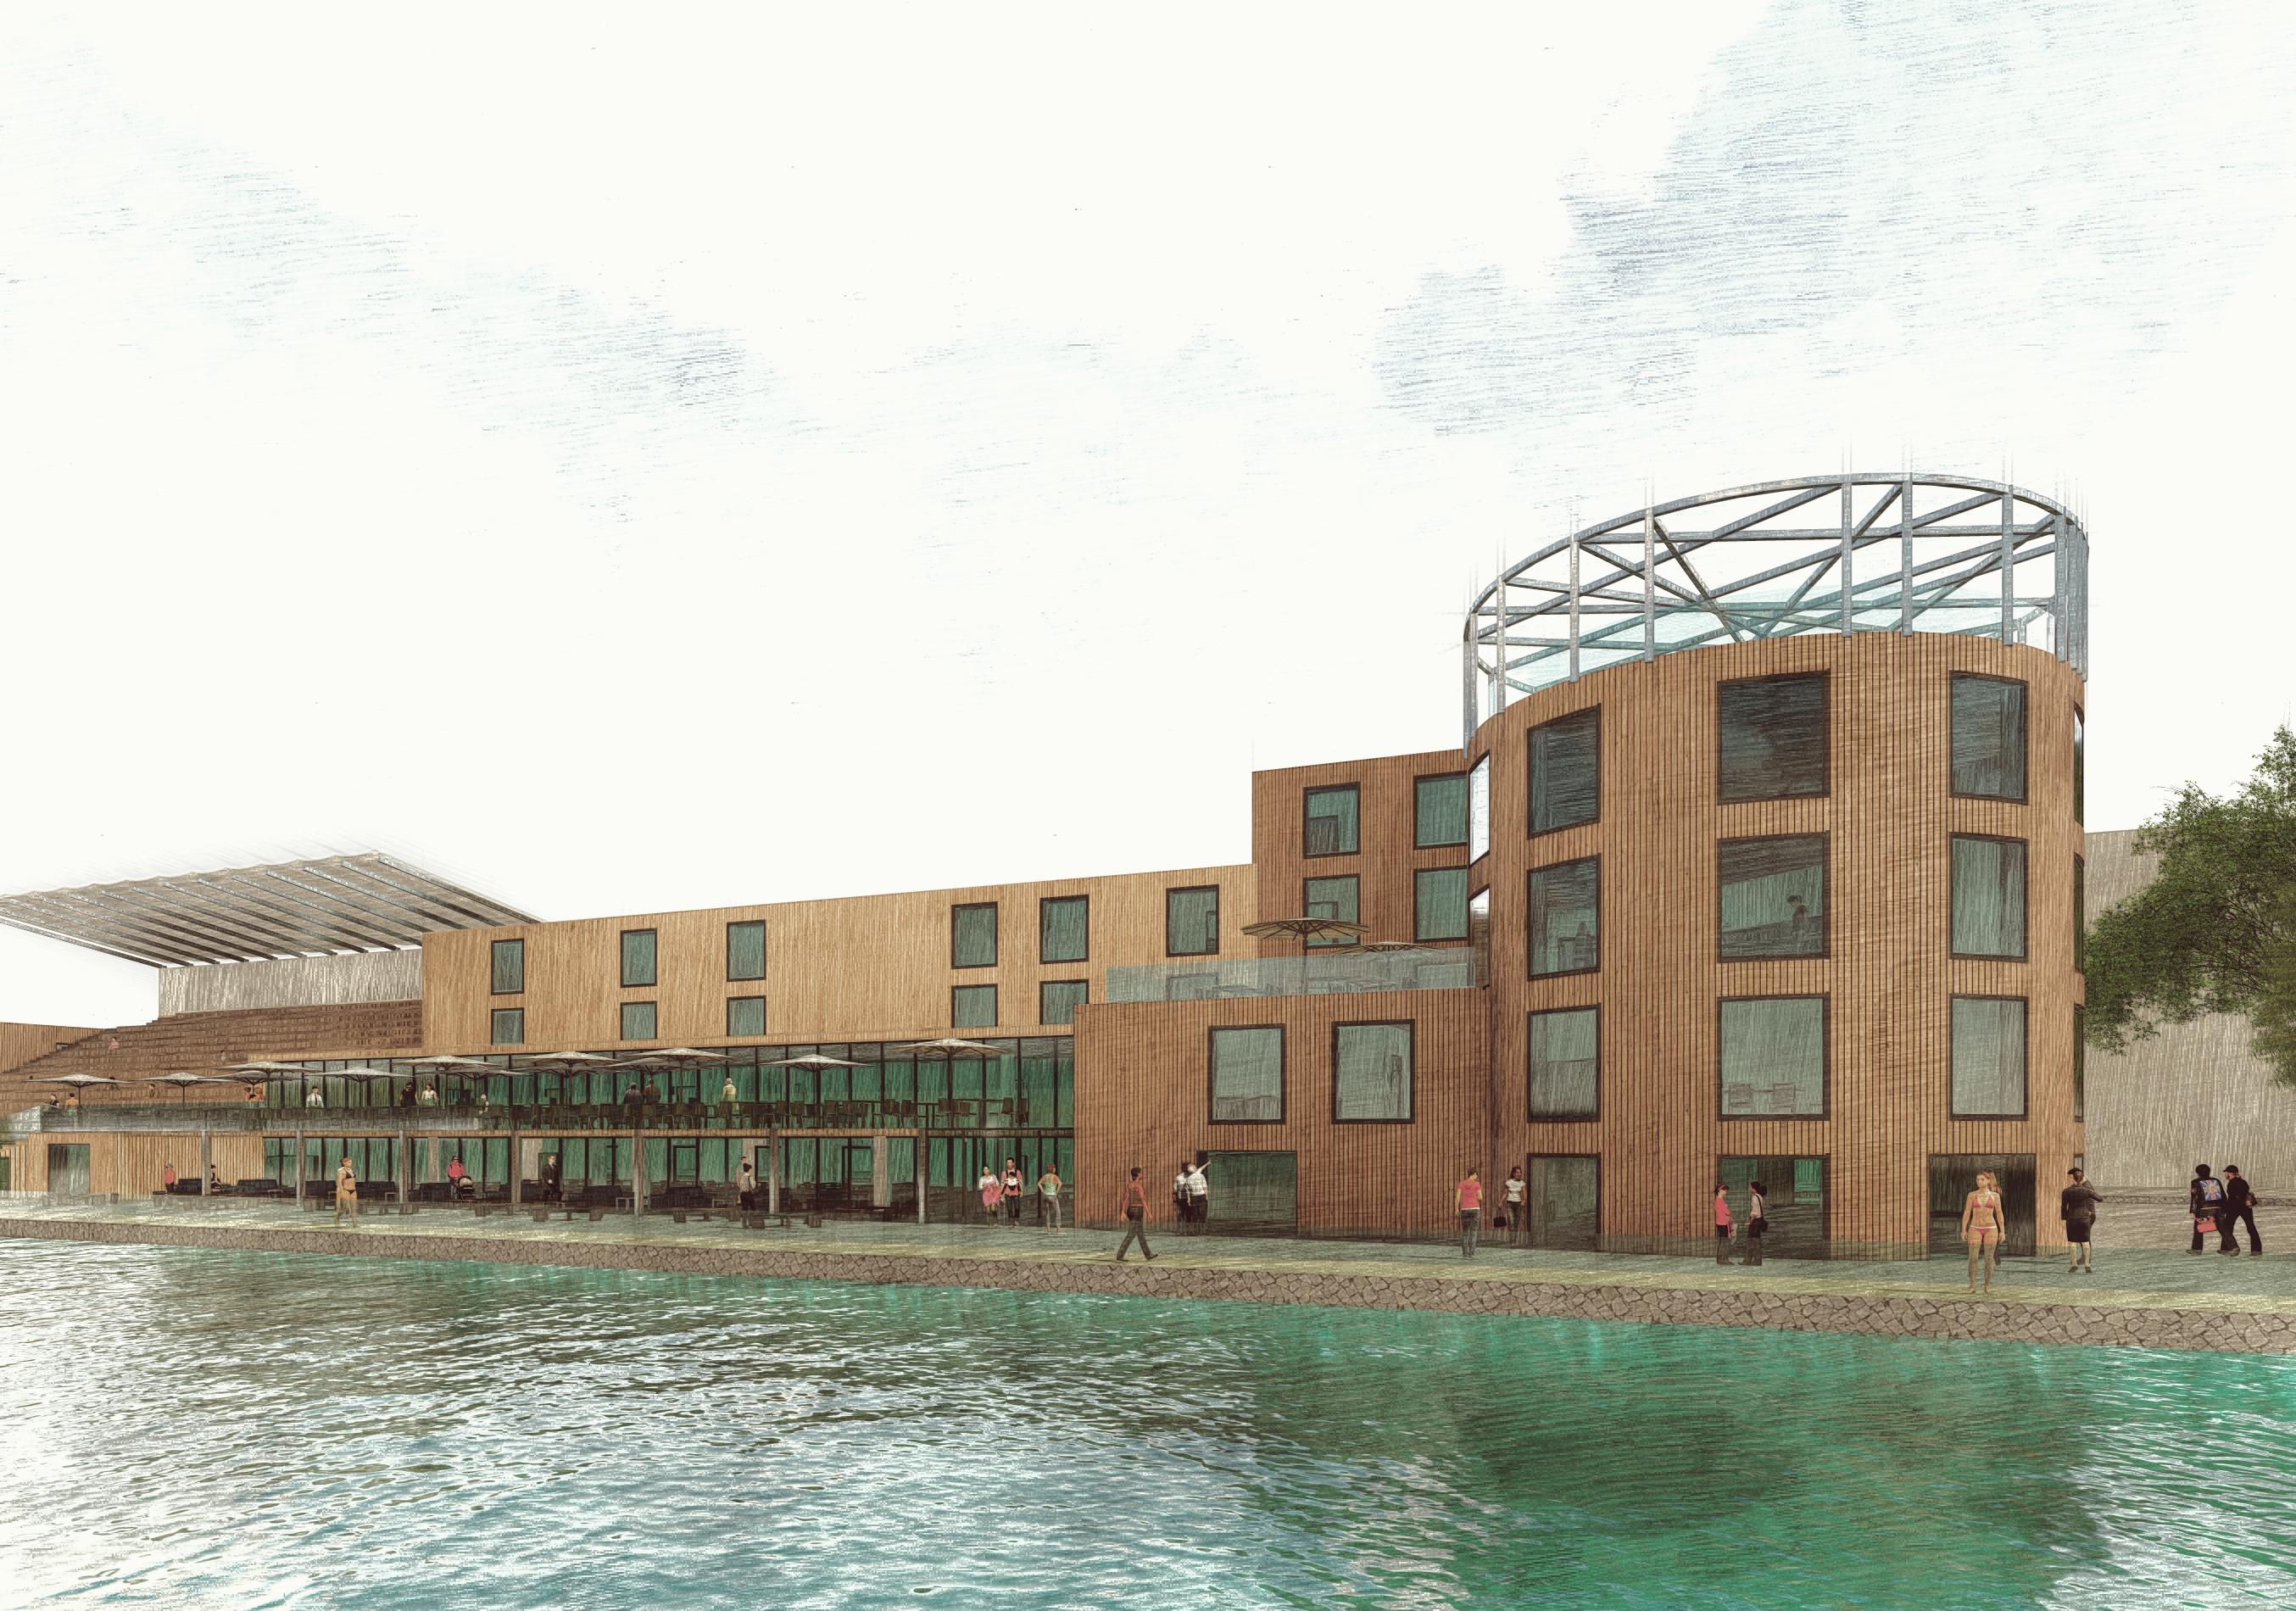 Das Hauptgebäude der SURFWRLD mit einem Wellenbecken